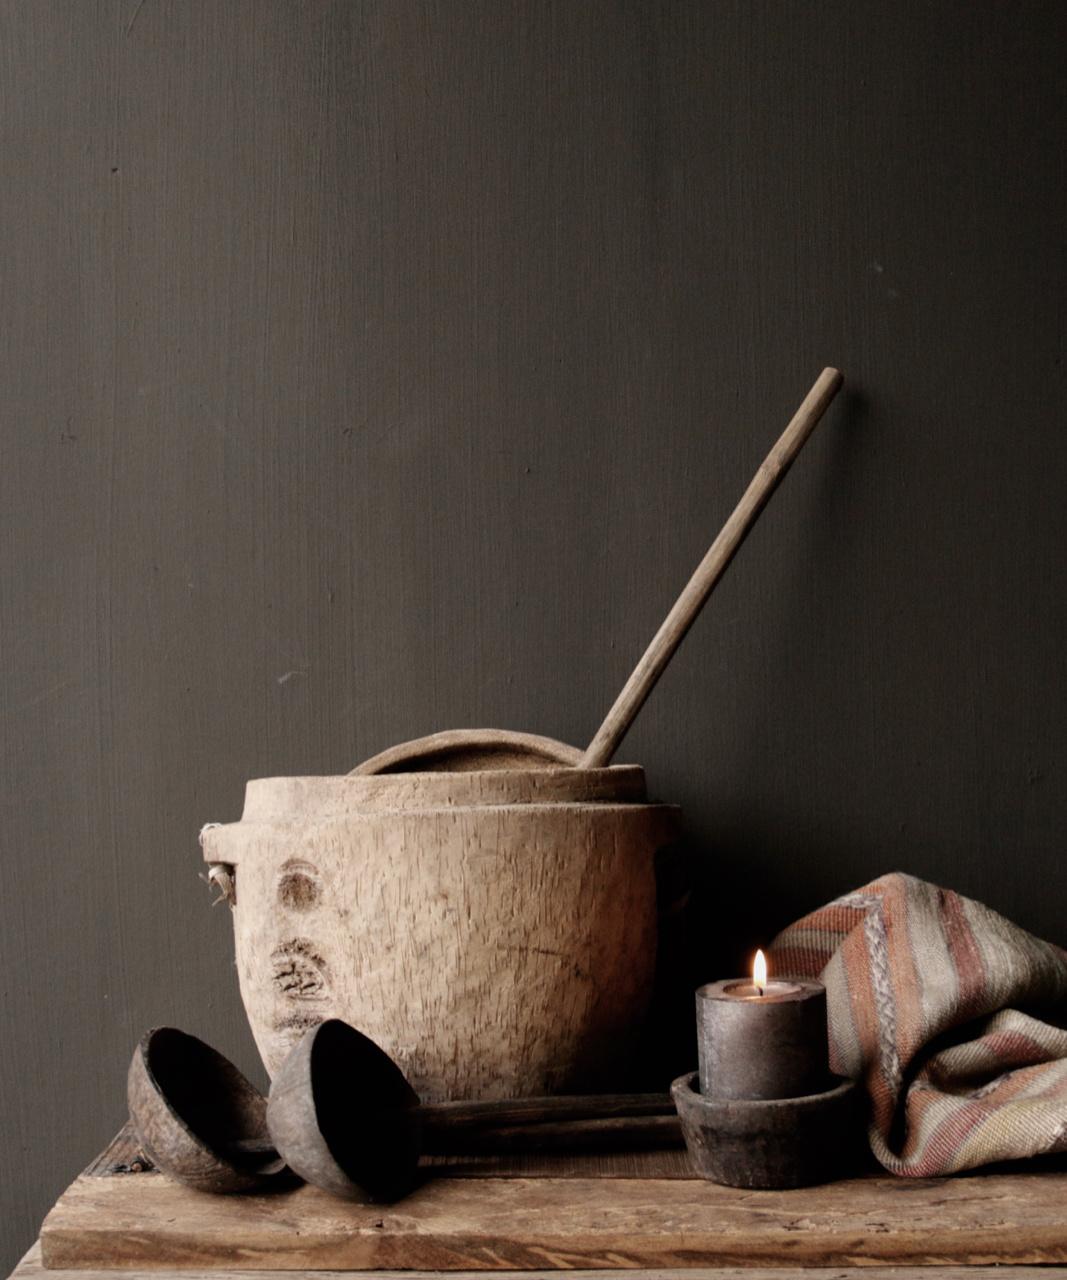 Alter nepalesischer Löffel der Kokosnuss mit Bambusgriff-4